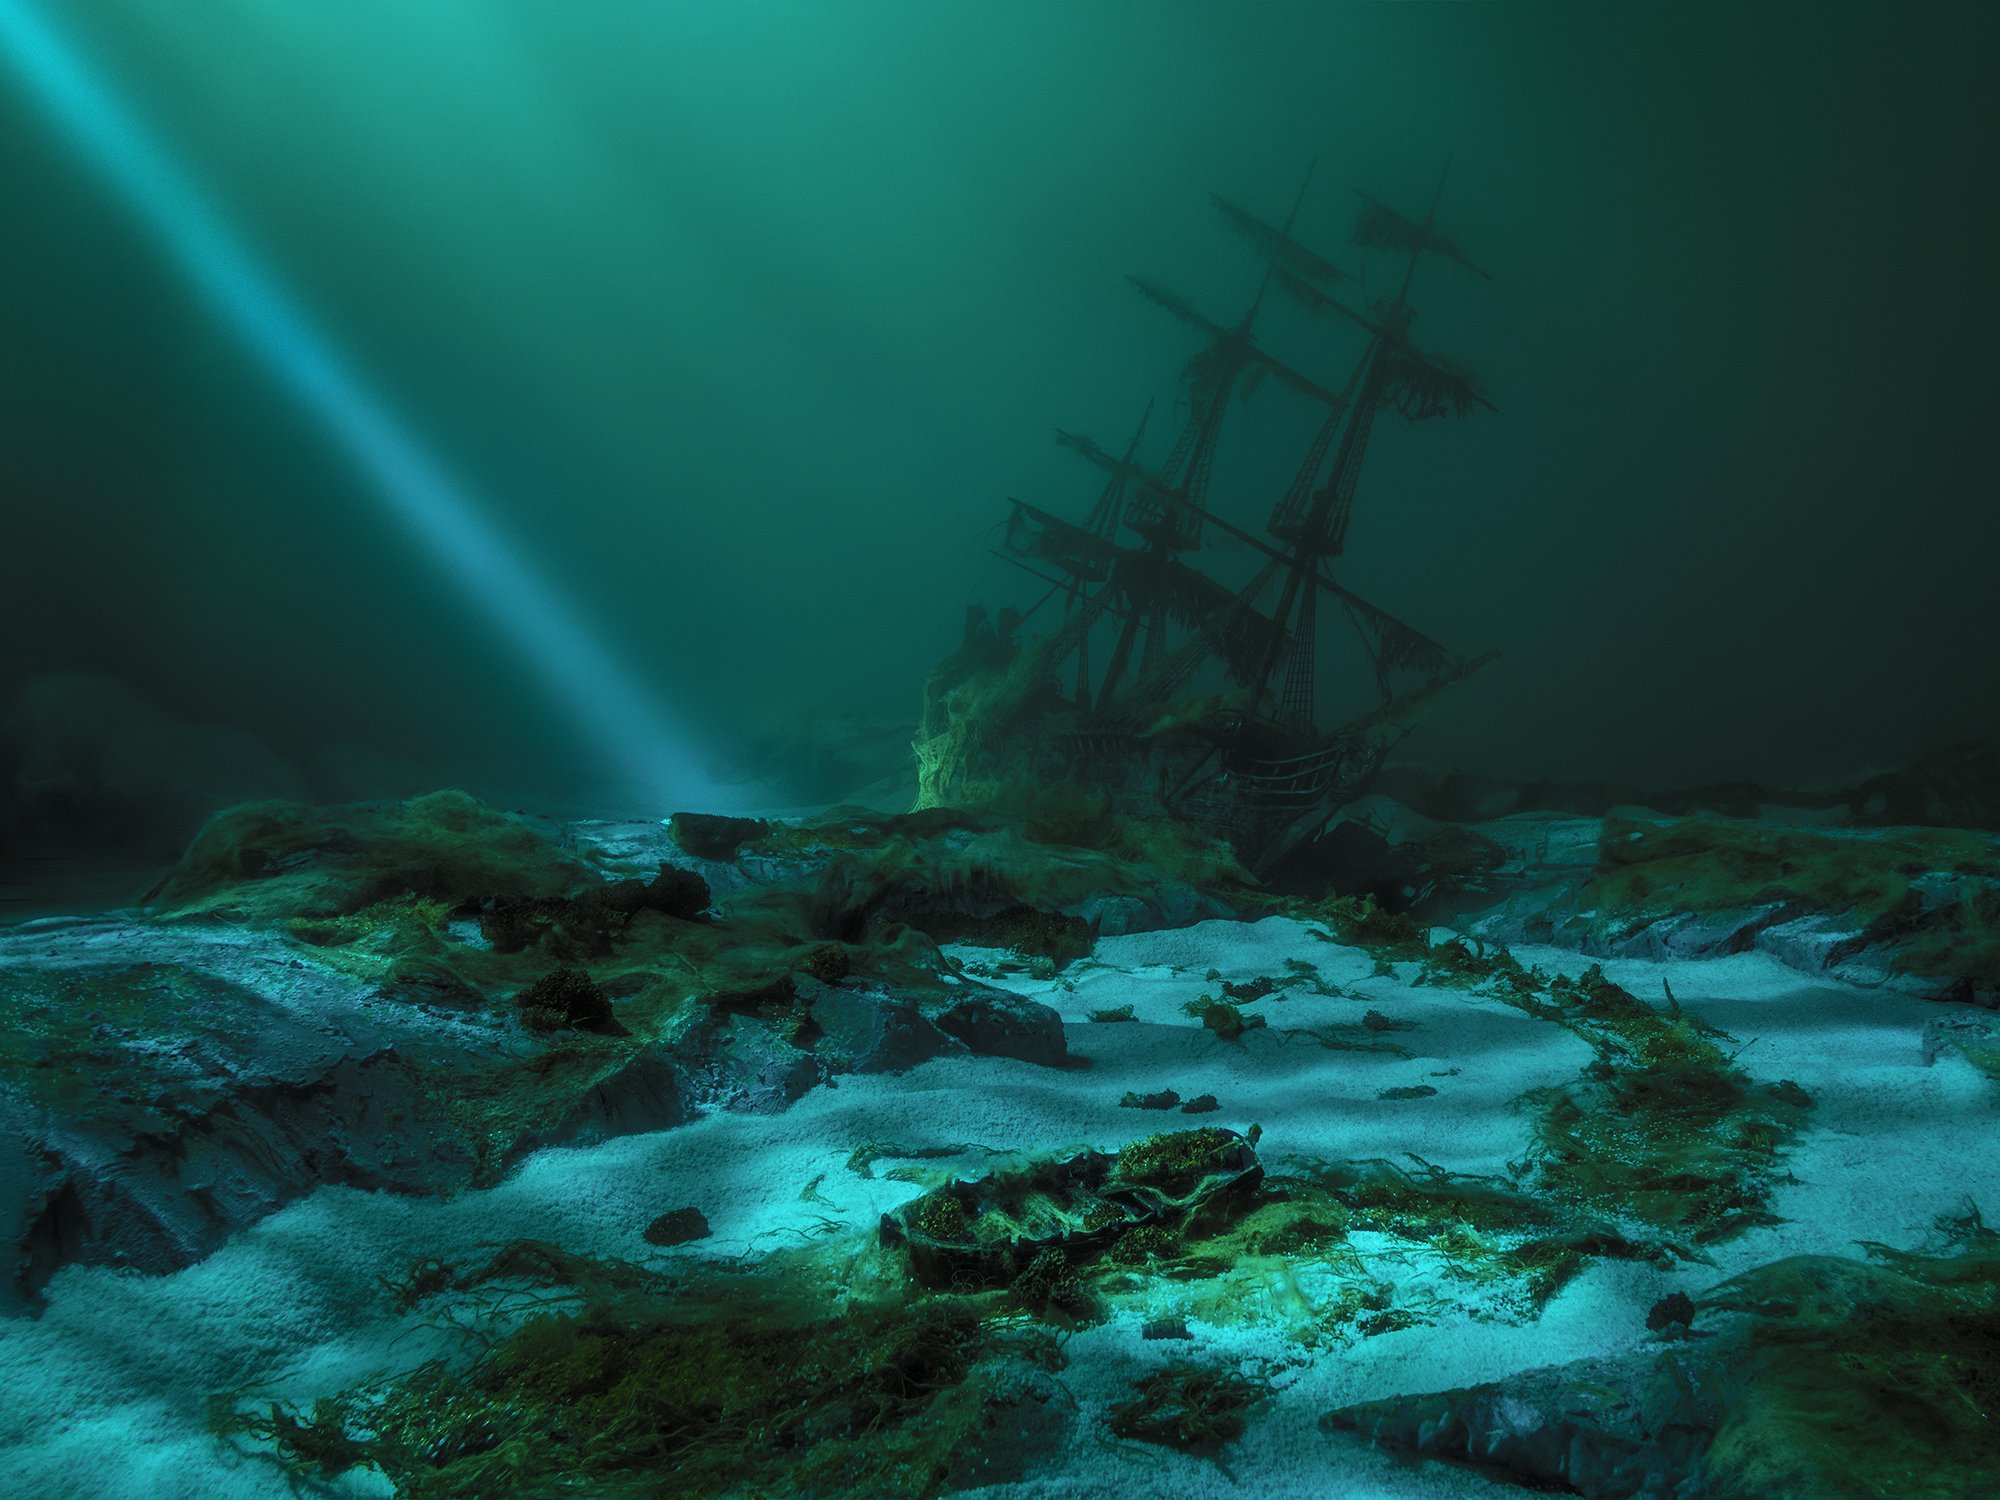 постановочная фотография миниатюра парышков глубина подводная корабль жемчужина art photography parishkov depth mystery ship blackpearl, Парышков Сергей